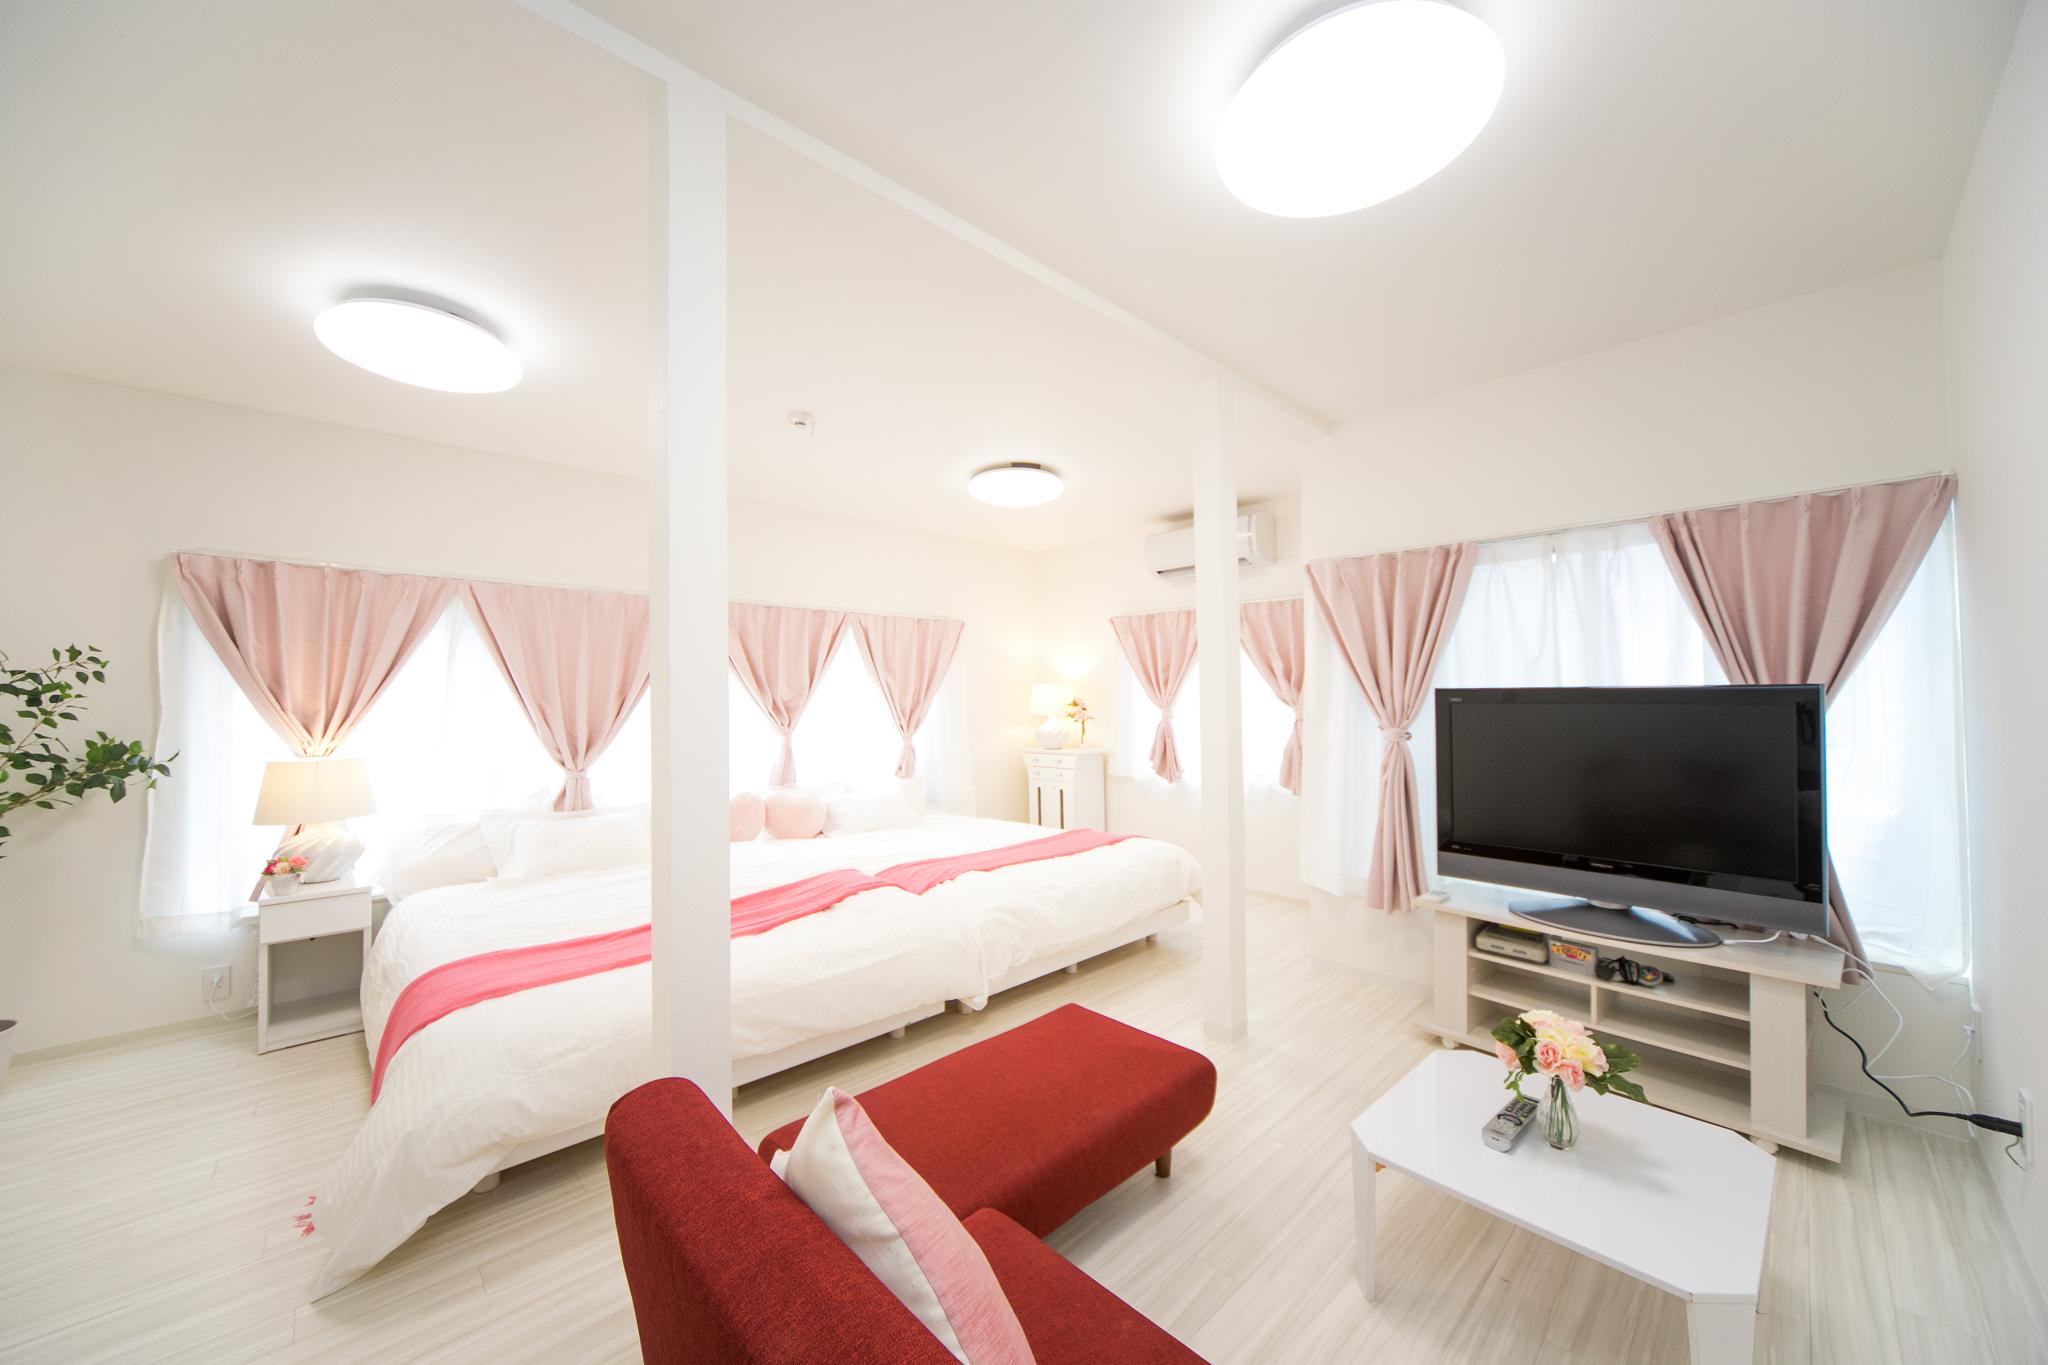 Awaji Holiday Inn Kariya